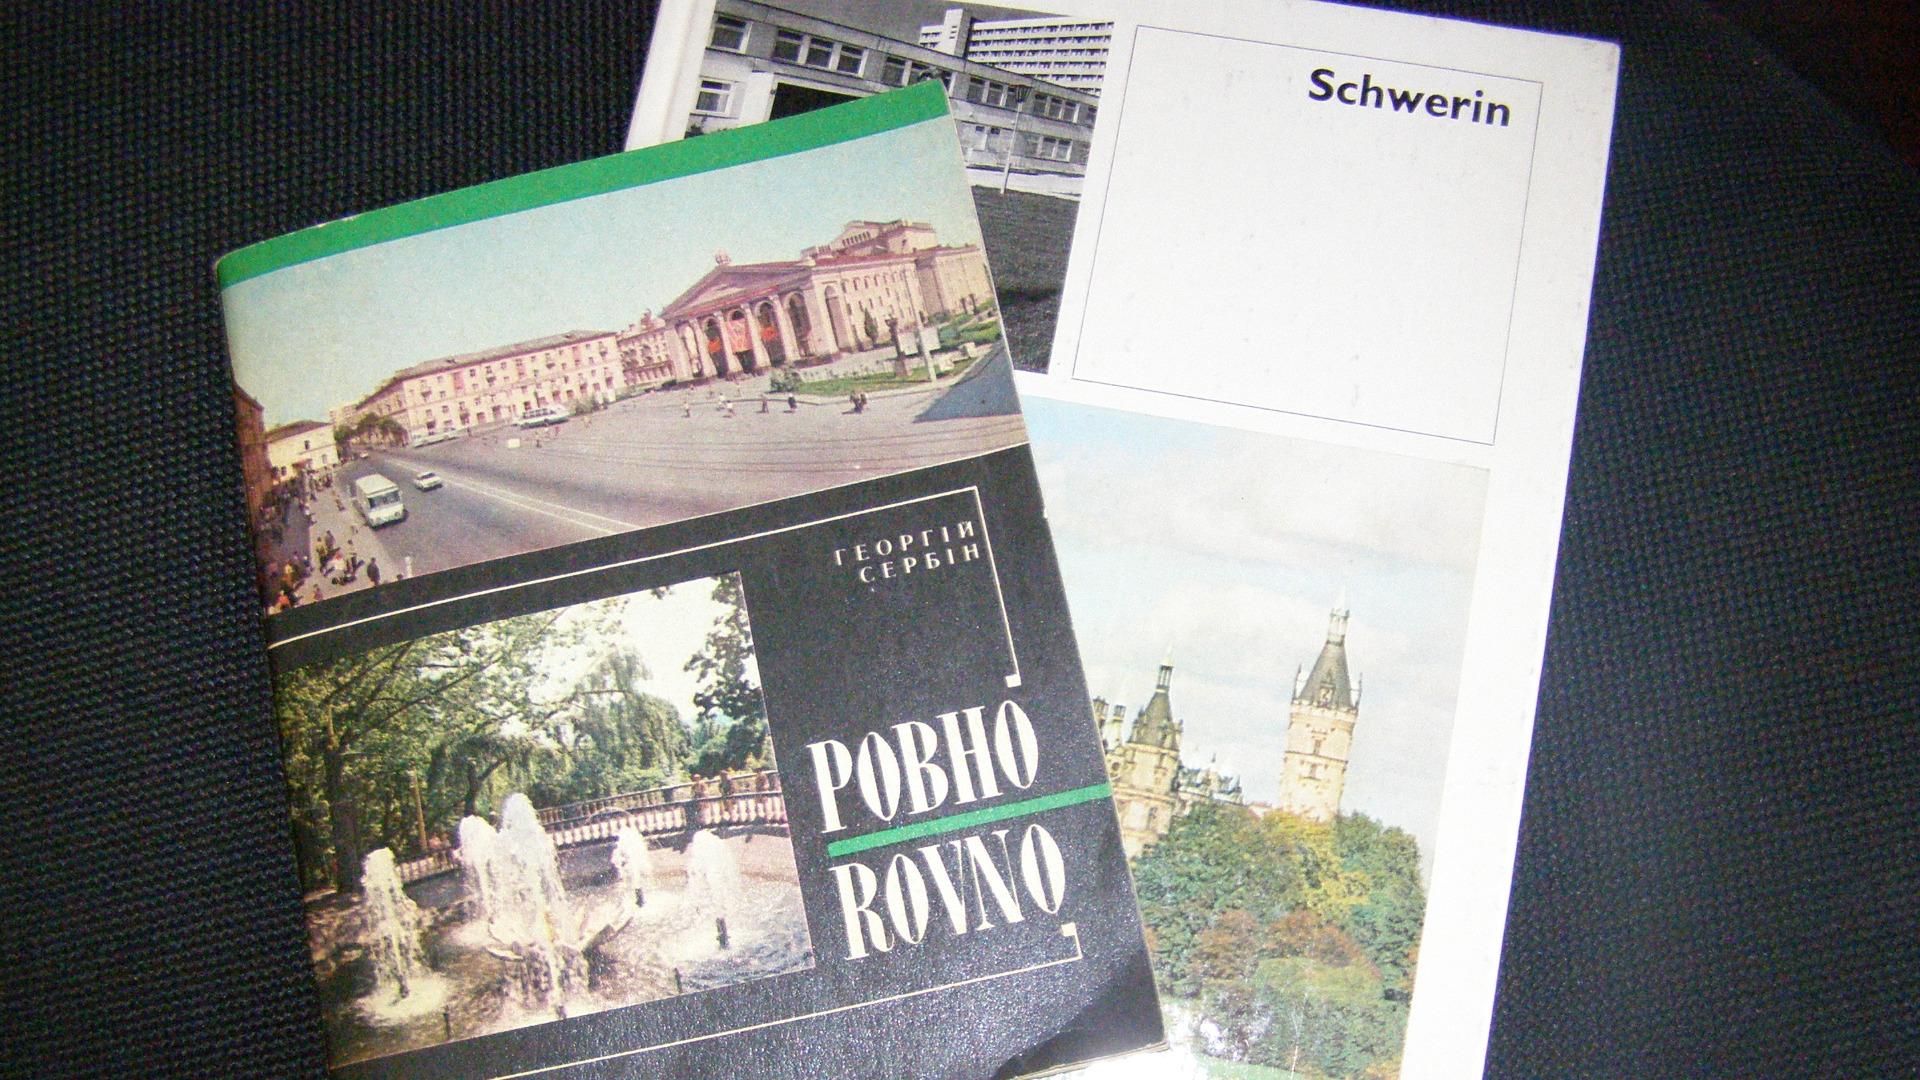 Пътеводители за побратимените градове на Видин- Ровно и Шверин.